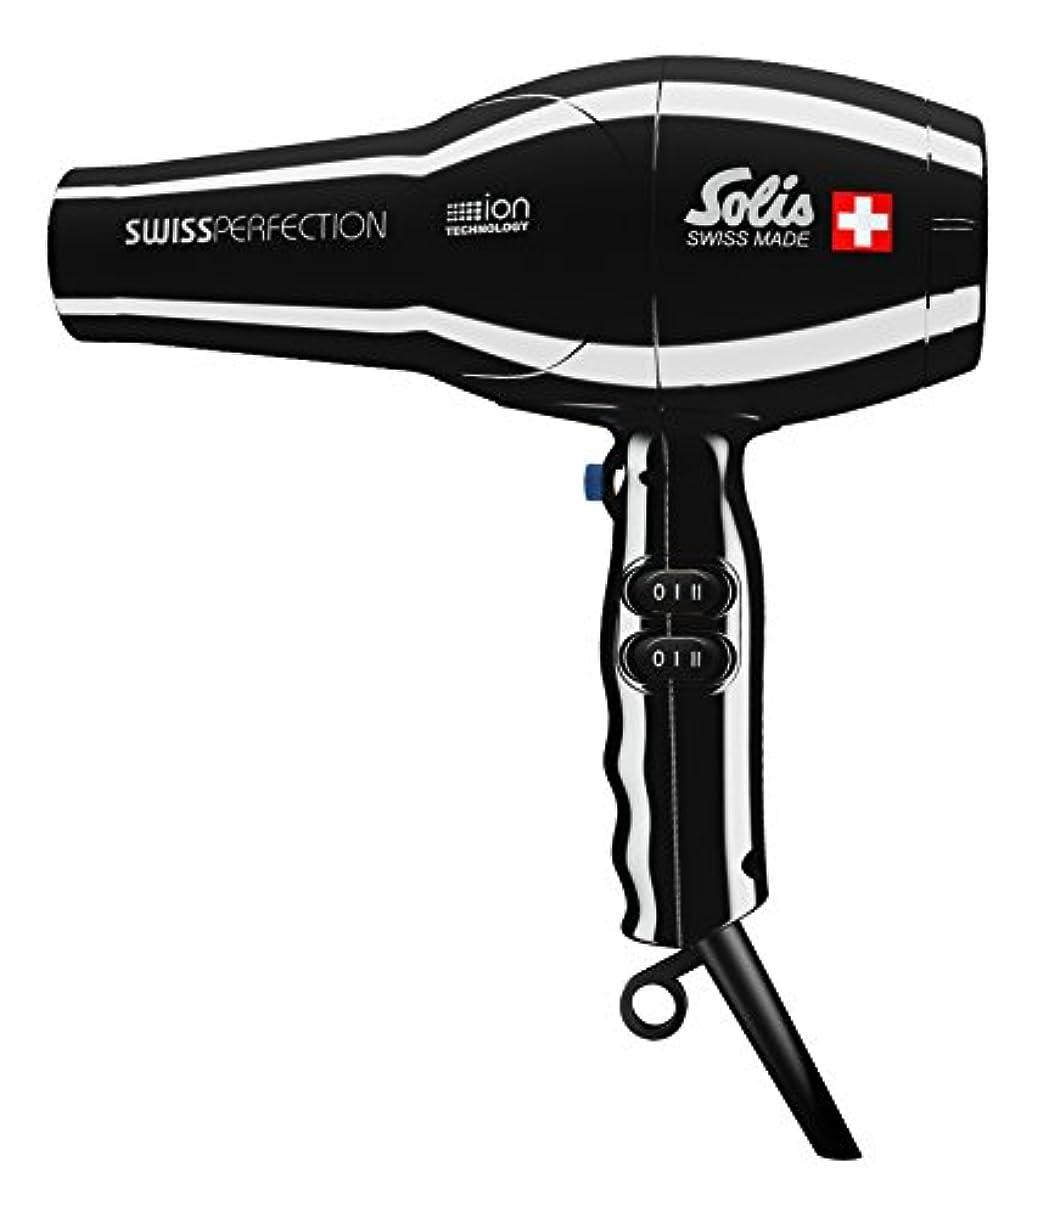 ブロックサッカー保守的ソリスプロフェッショナル仕様ドライヤー、温風温度77℃で髪にやさしい、イオンテクノロジー、スイスパーフェクション (SD440B)、黒